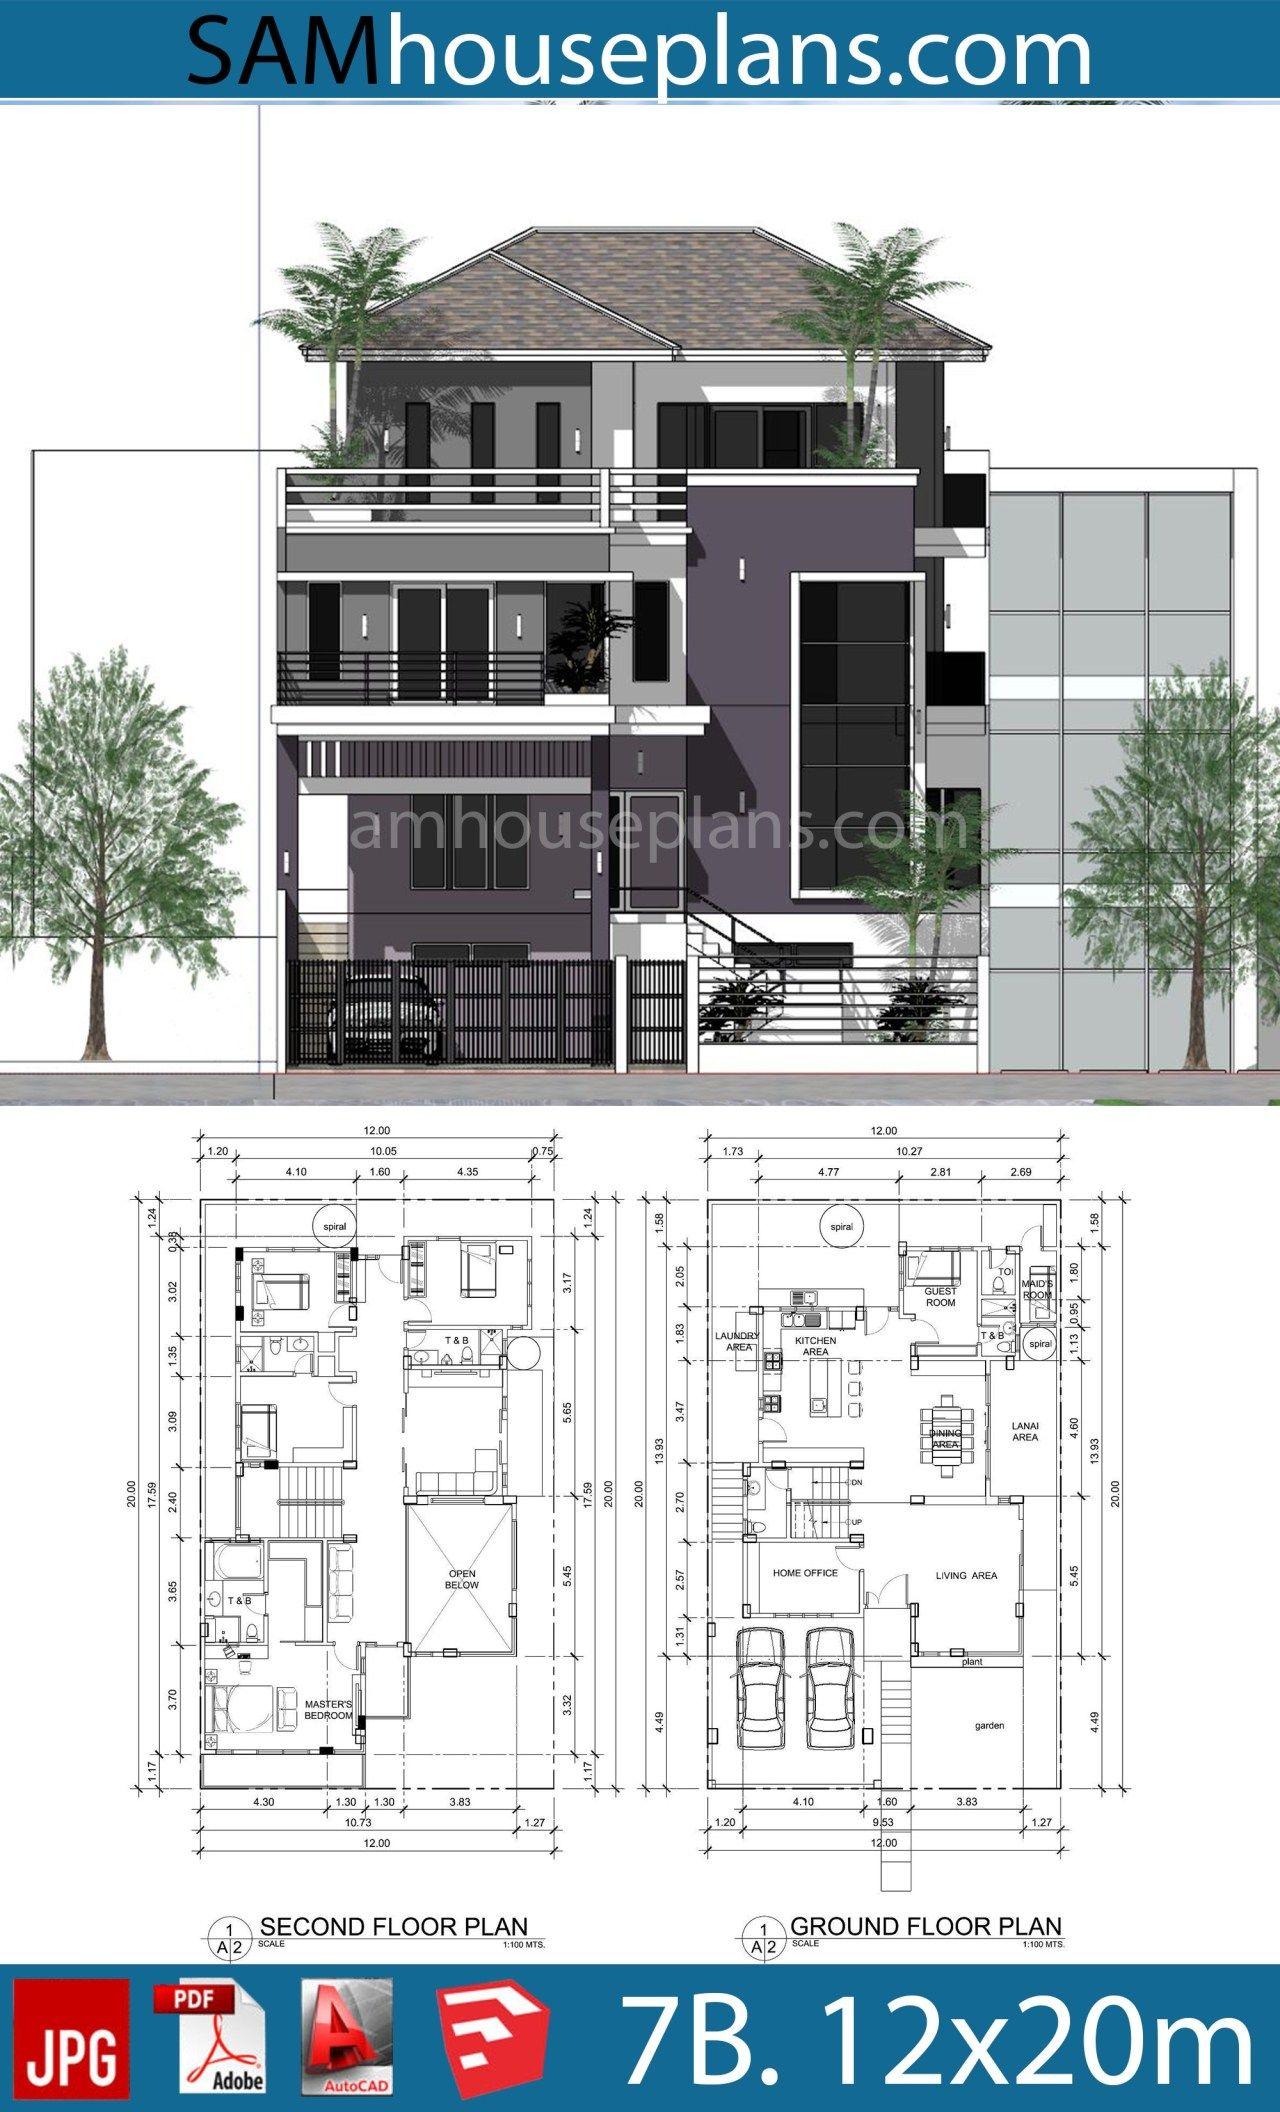 House Plans 12mx20m With 7 Bedrooms Sam House Plans My House Plans Bungalow House Design Duplex House Design